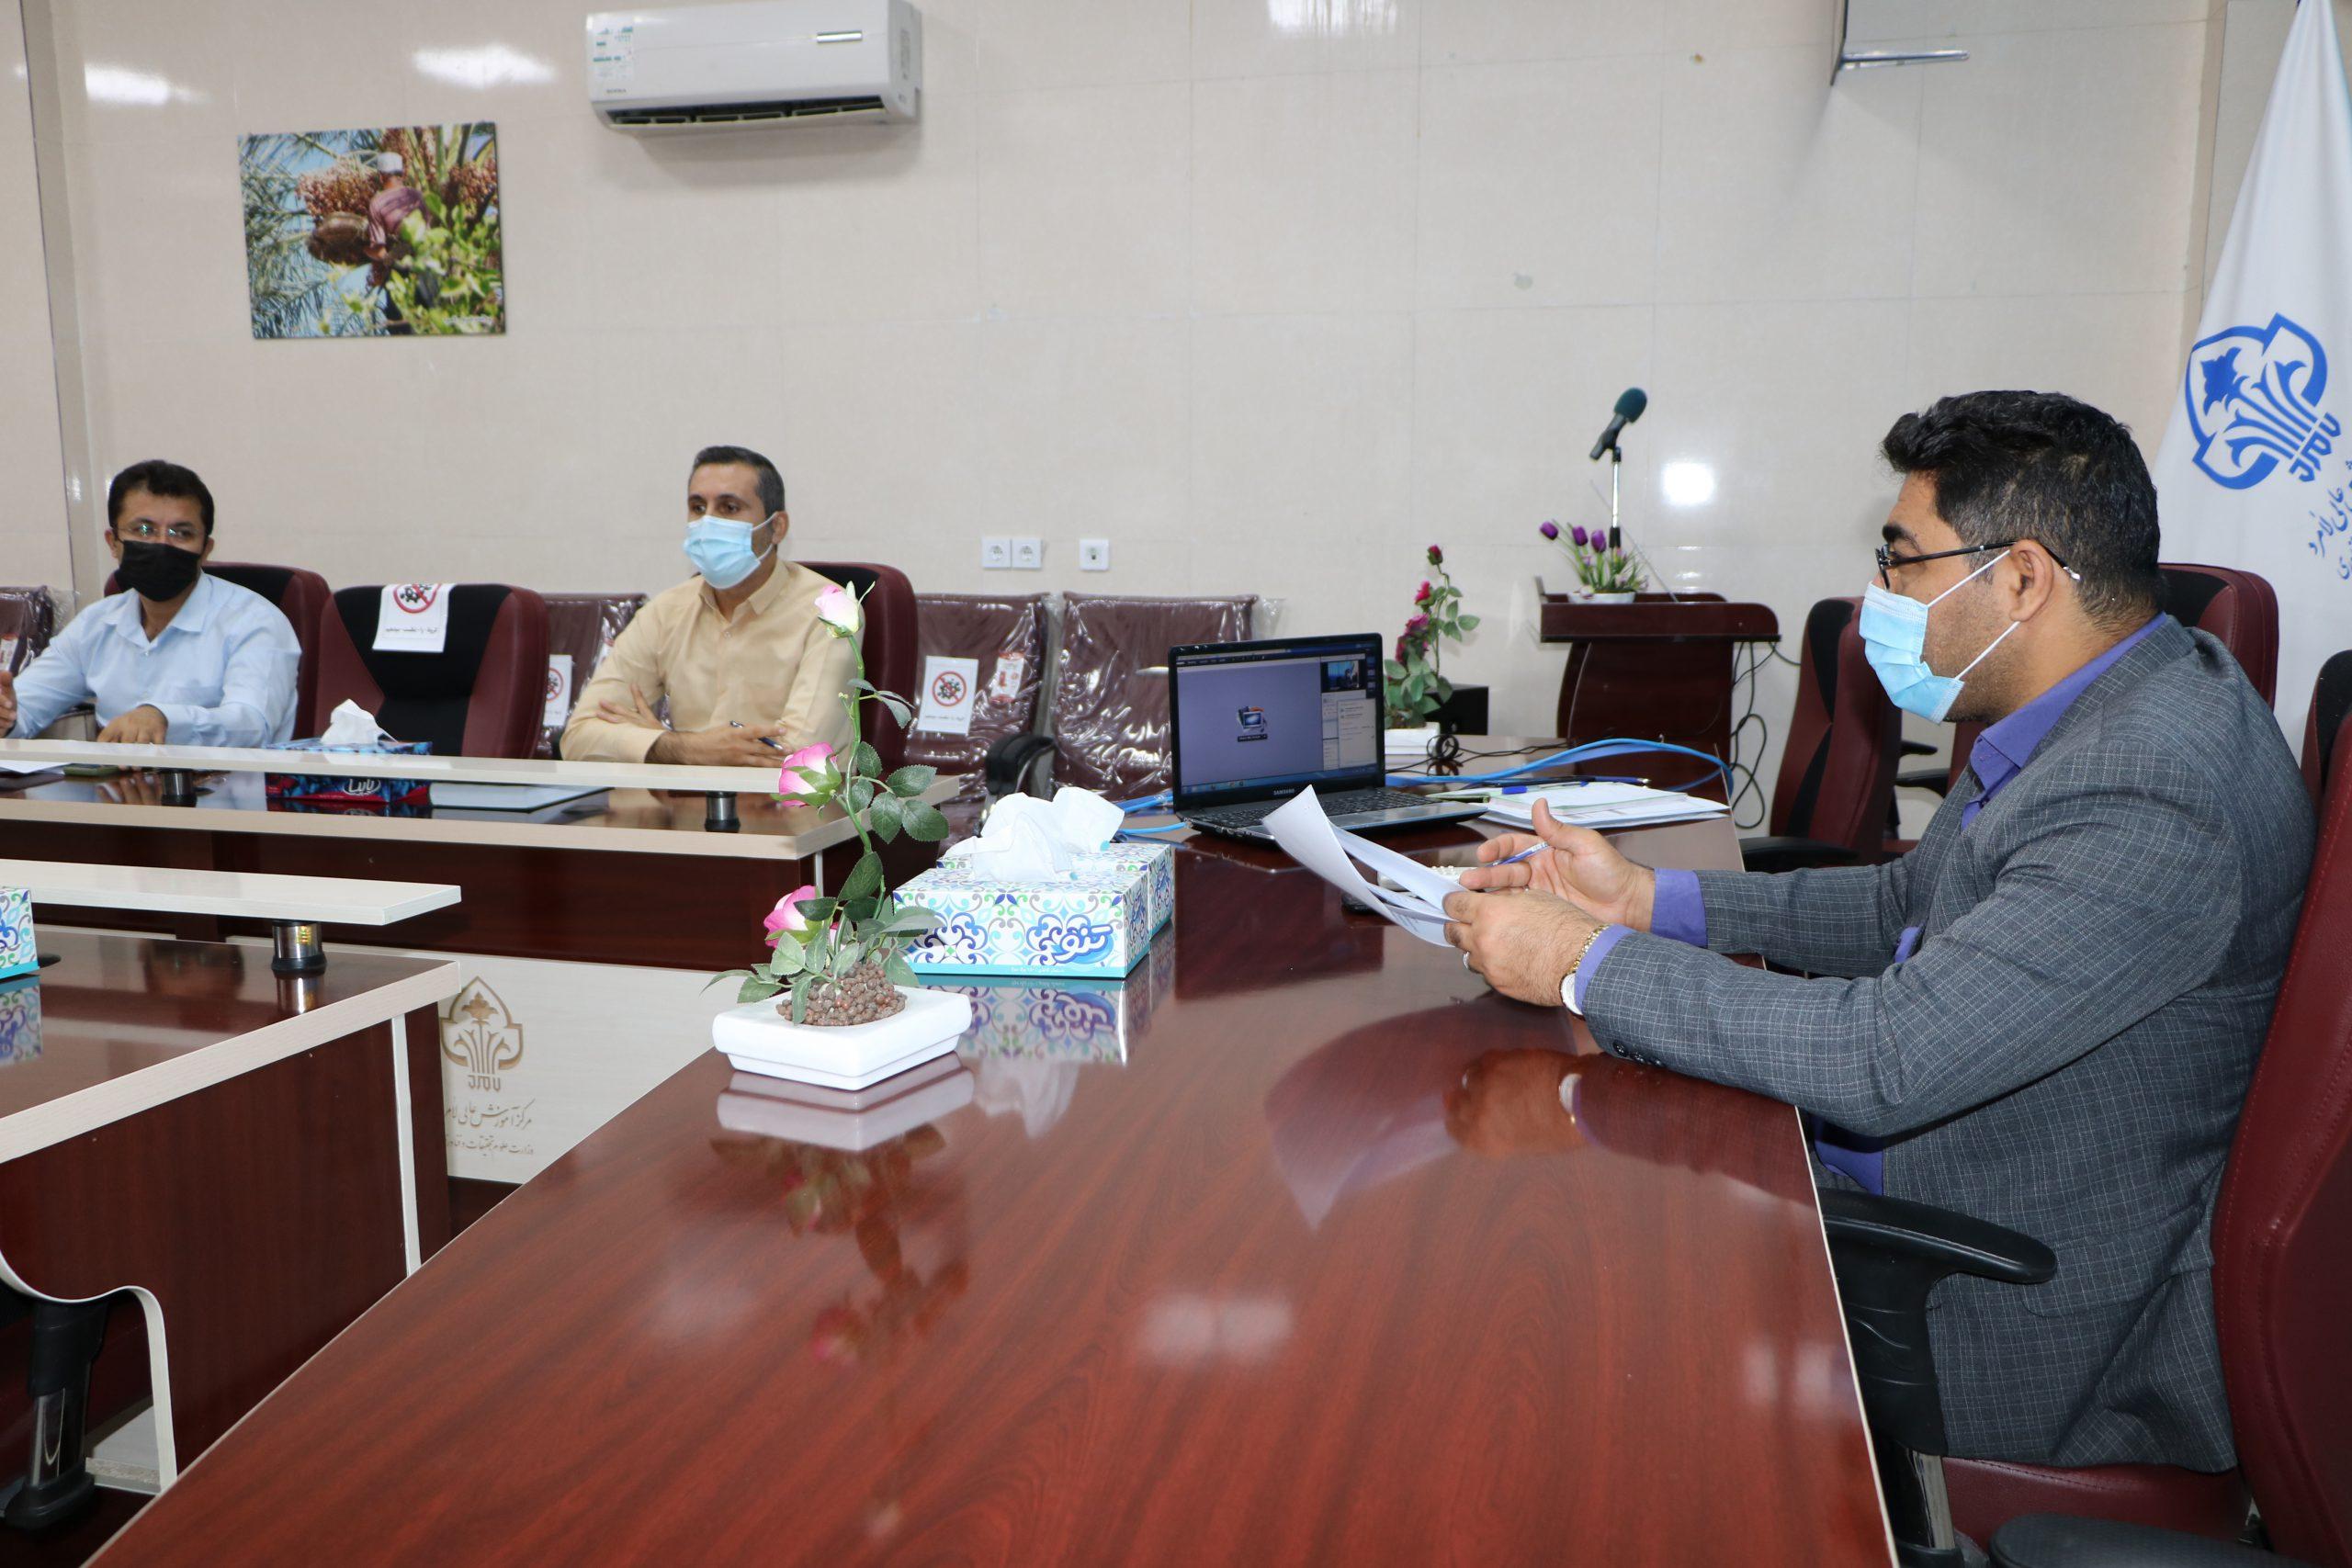 دومین جلسه مشترک طرح آمایش آموزش عالی،  مرکزآموزش عالی لامرد  و دانشگاه صنعتی شیراز  برگزارشد